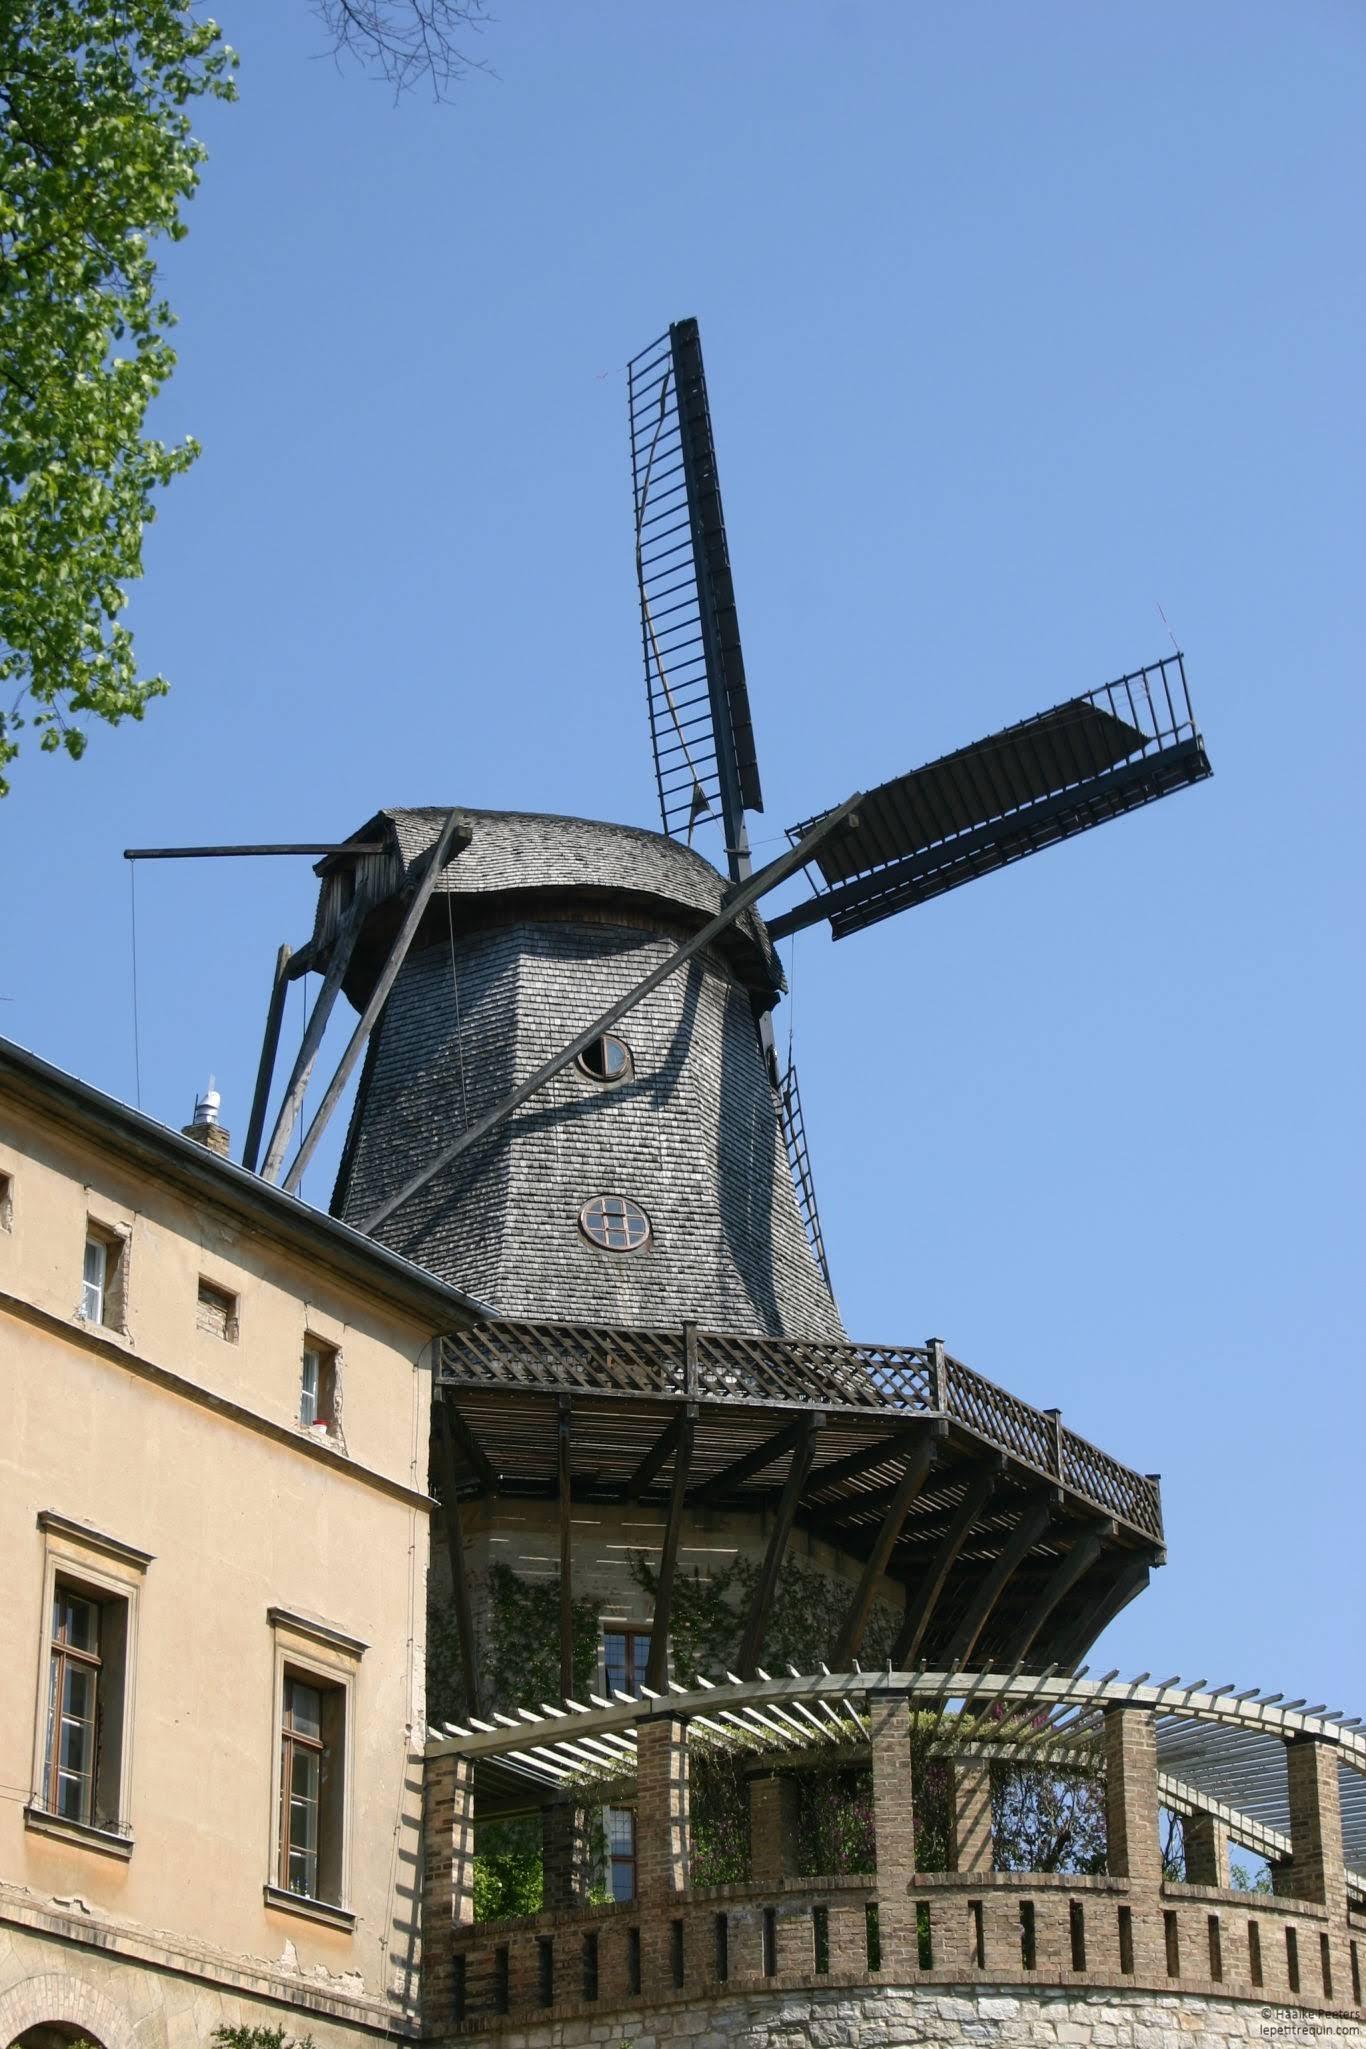 Historische Mühle von Sanssouci Potsdam (Le petit requin)